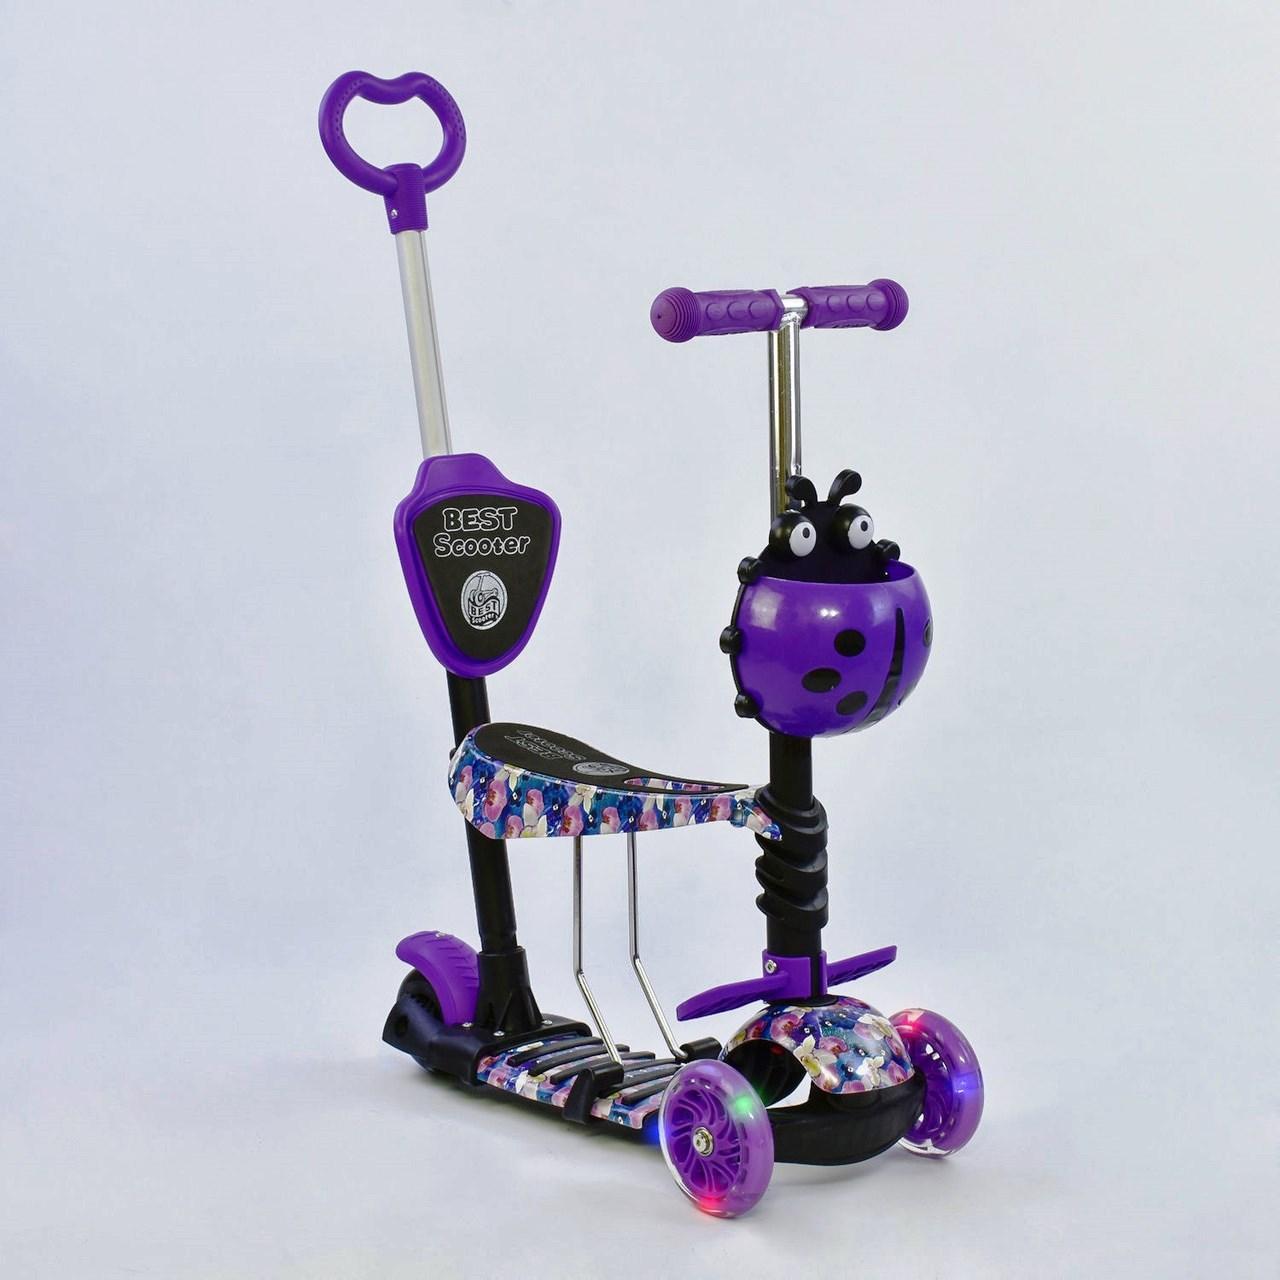 Самокат Best Scooter 5 в 1 Абстракция 19870 подсветка колес